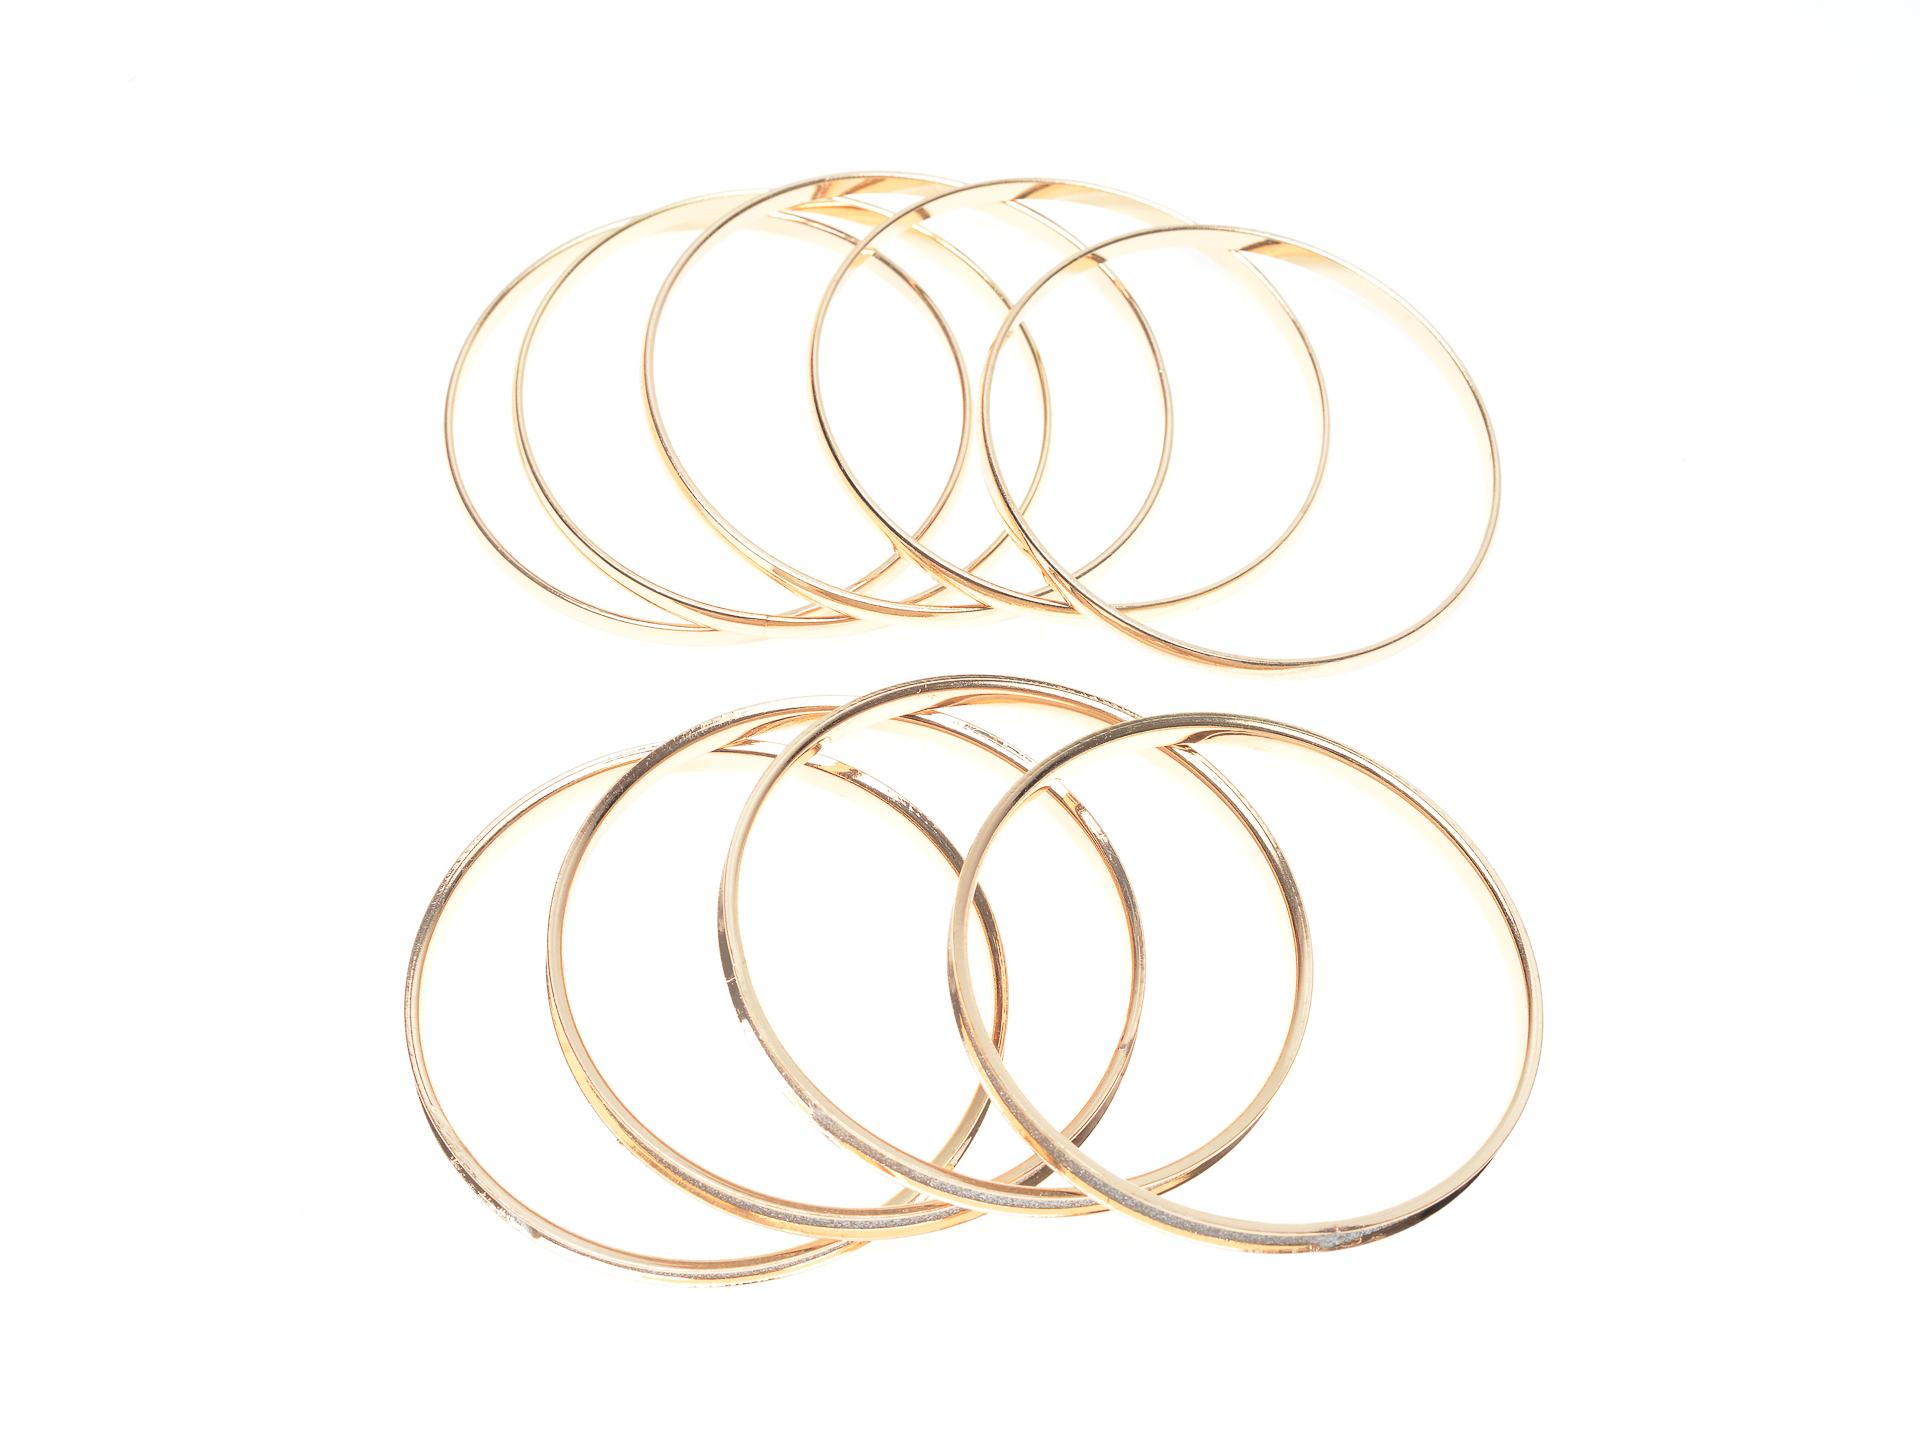 Bratari ALDO aurii, Longtan040, din metal imagine